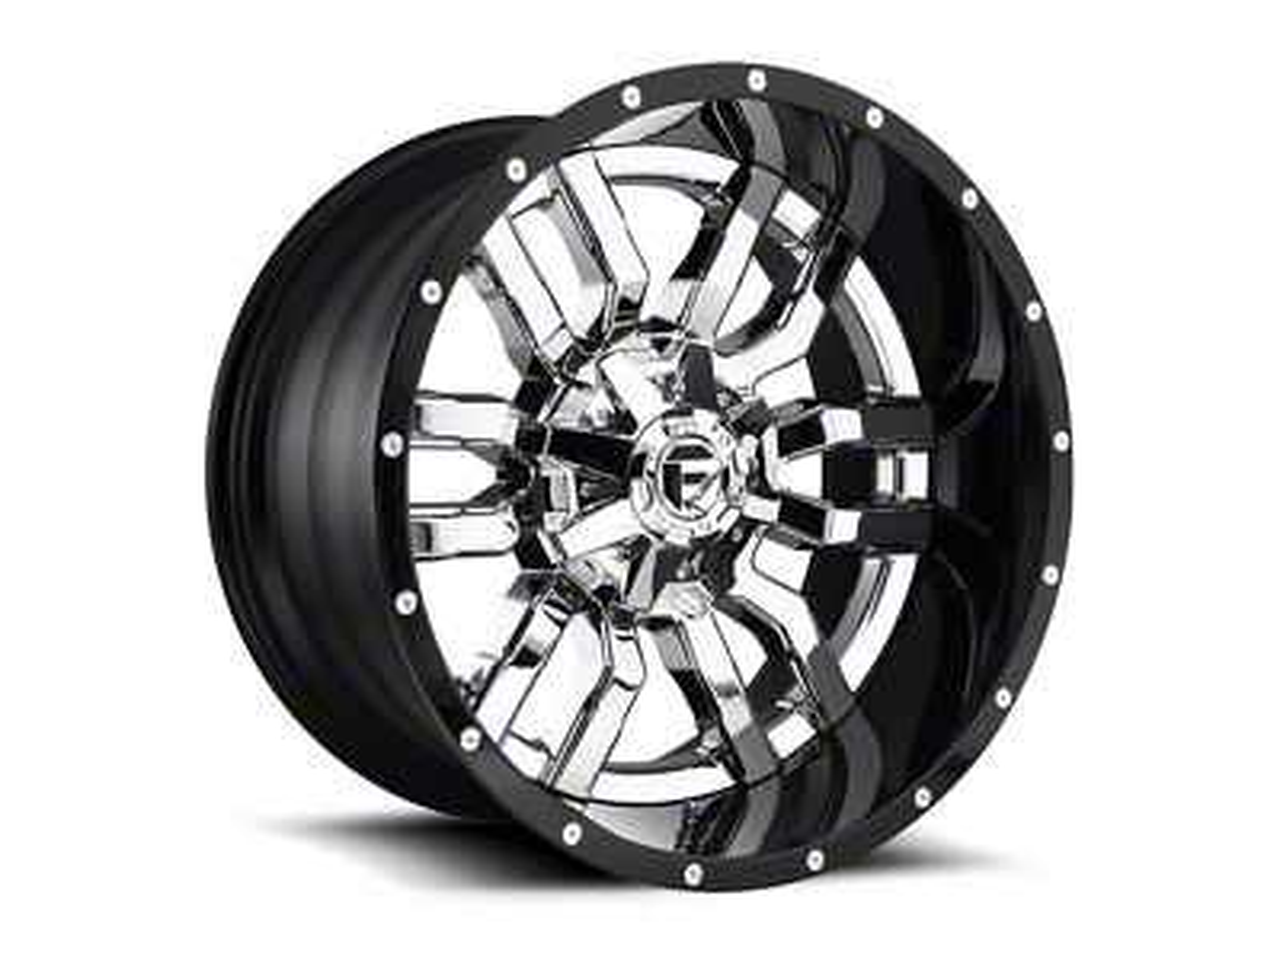 Fuel Wheels Sledge Chrome 6-Lug Wheel - 20x10 (99-18 Silverado 1500)